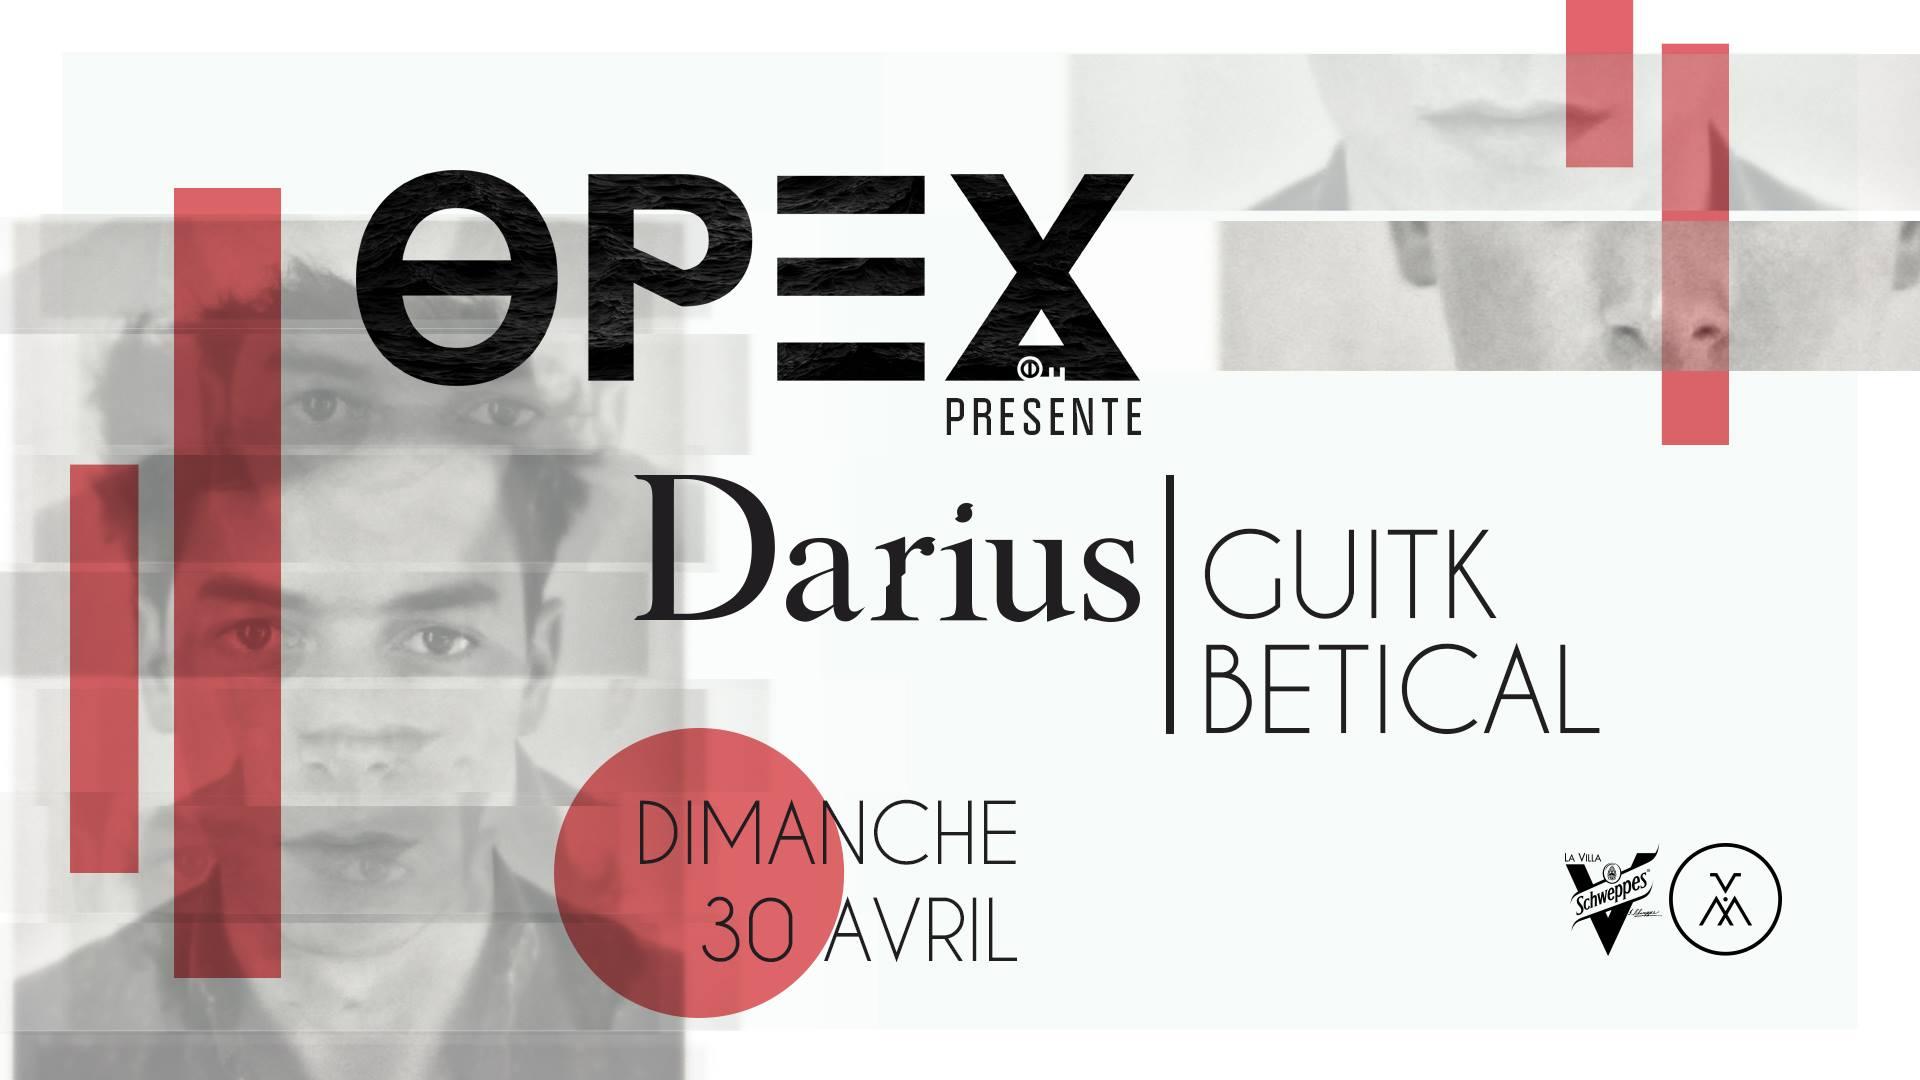 Opex présente Darius